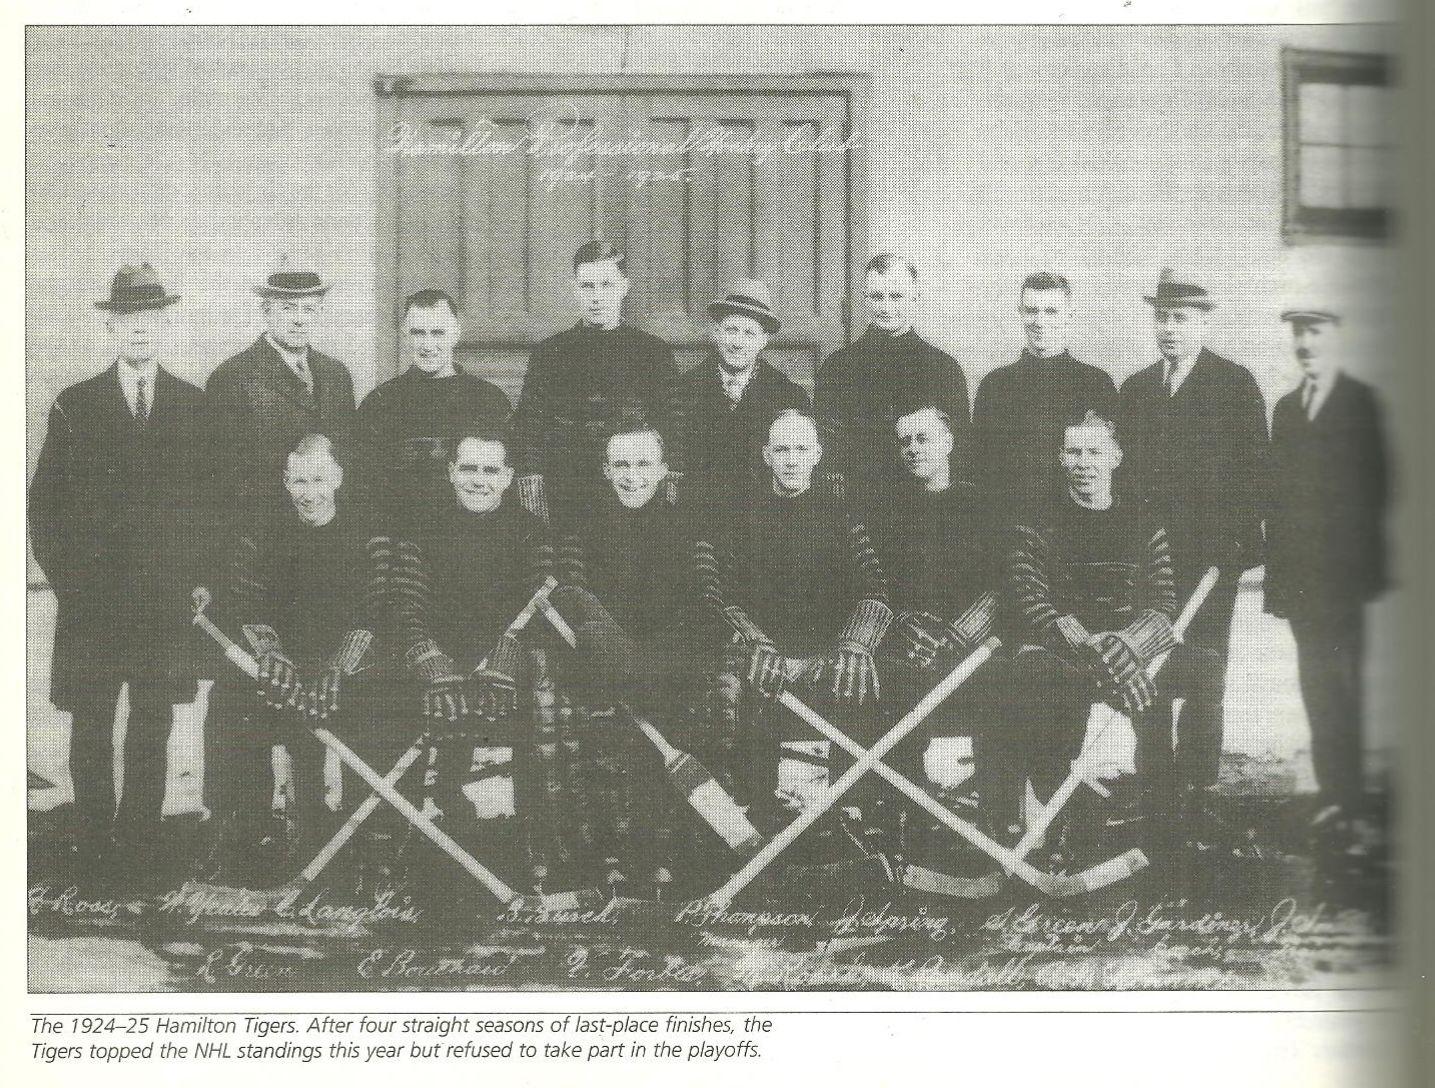 хэмилтон тайгерс 1924-25гг..jpg